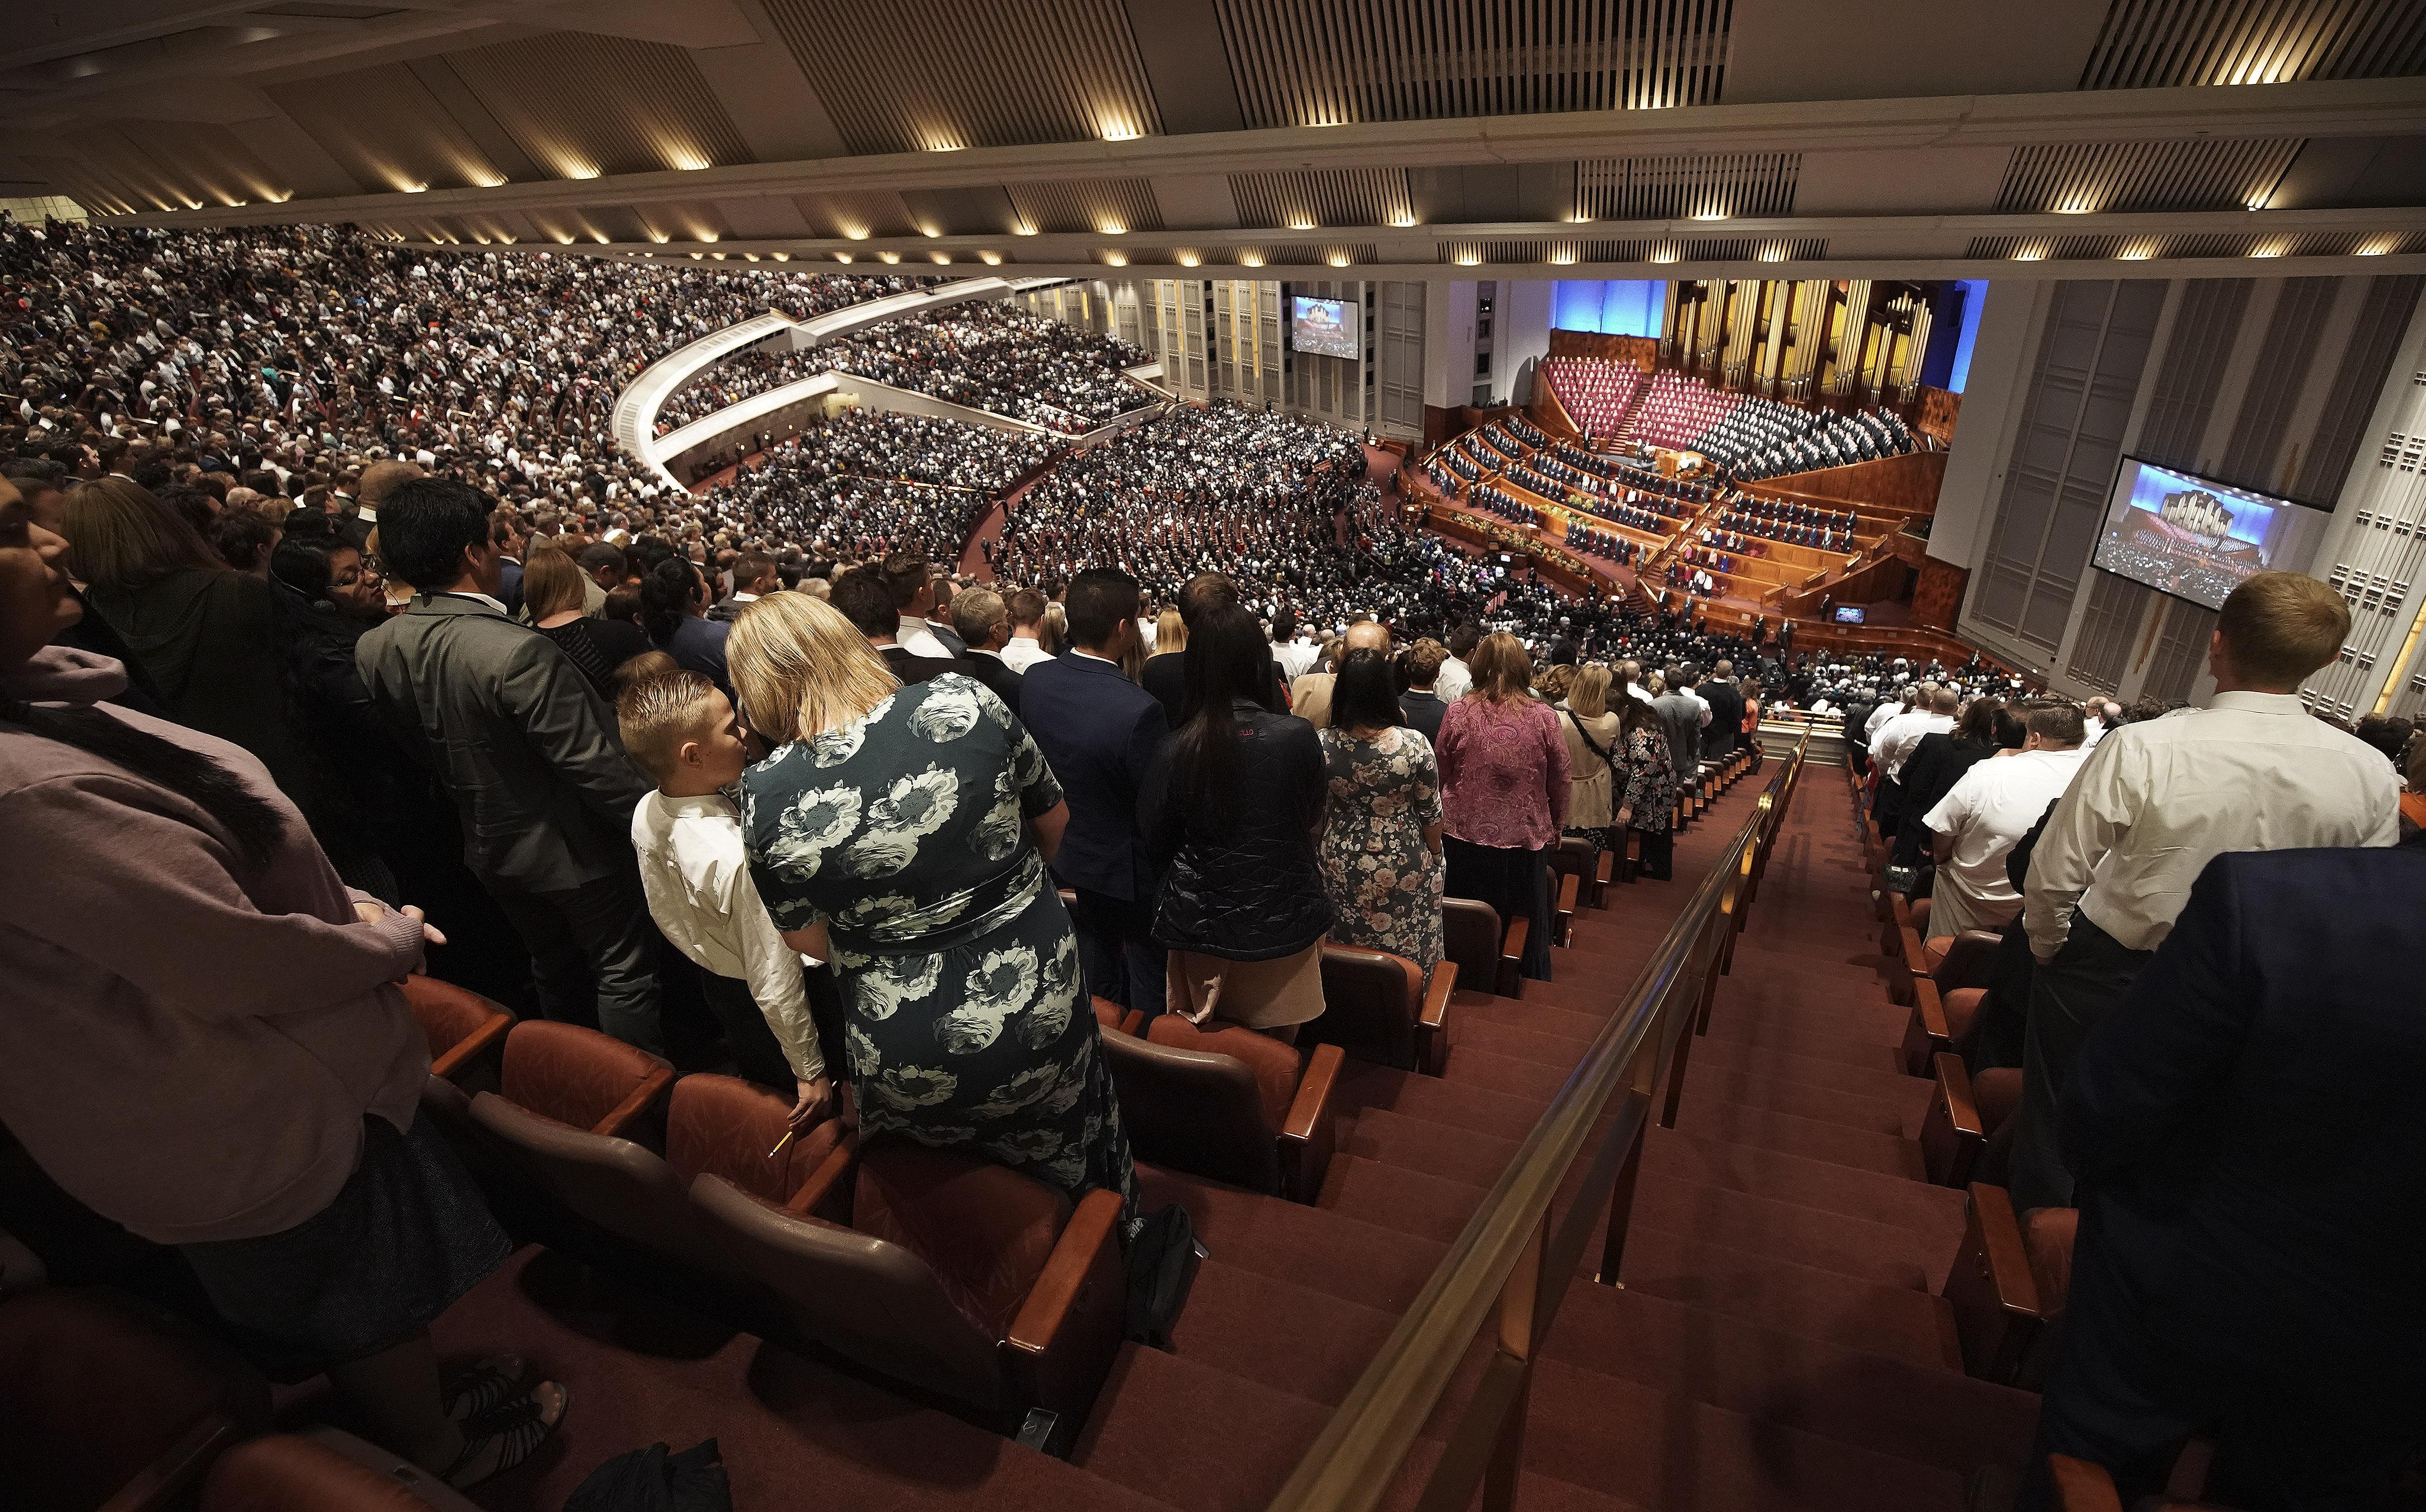 Los asistentes cantan durante la sesión del domingo por la mañana de la Conferencia General Semestral de La Iglesia de Jesucristo de los Santos de los Últimos Días en Salt Lake City el domingo, 6 de oct. de 2019.